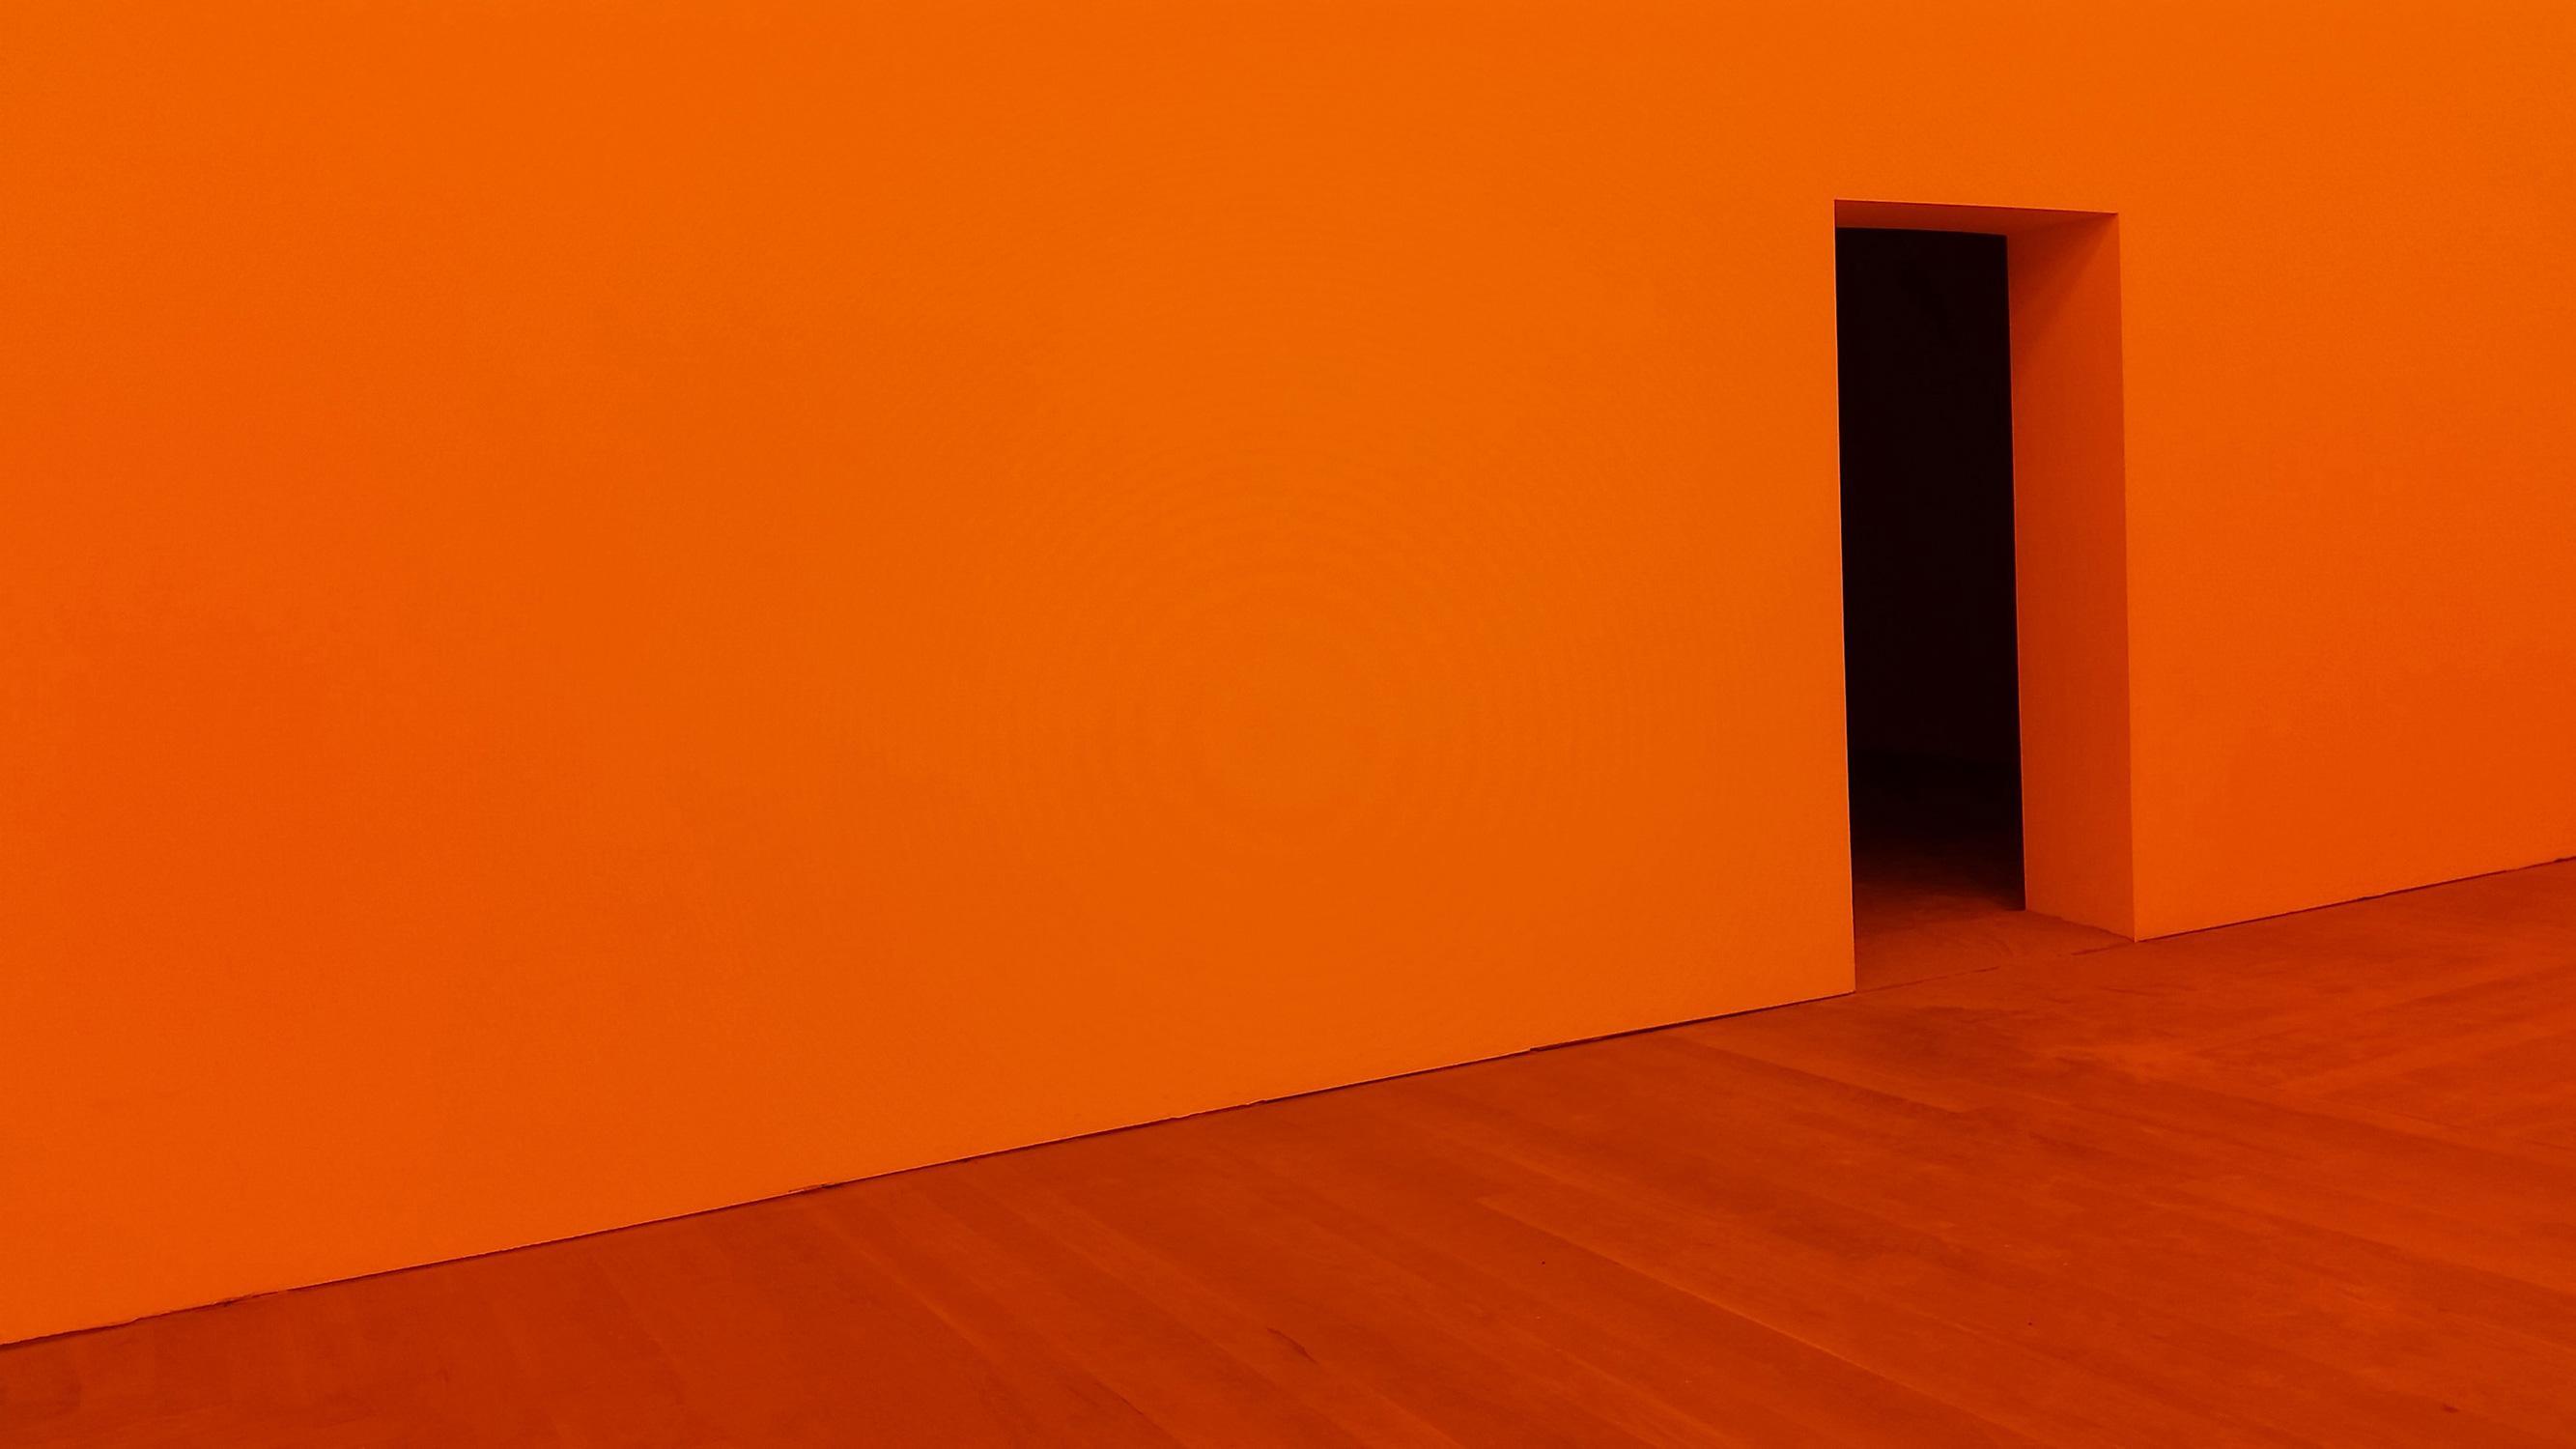 El Libro Amarillo Tendencias de Color Primavera 2021 Mandarina puerta de galería de arte